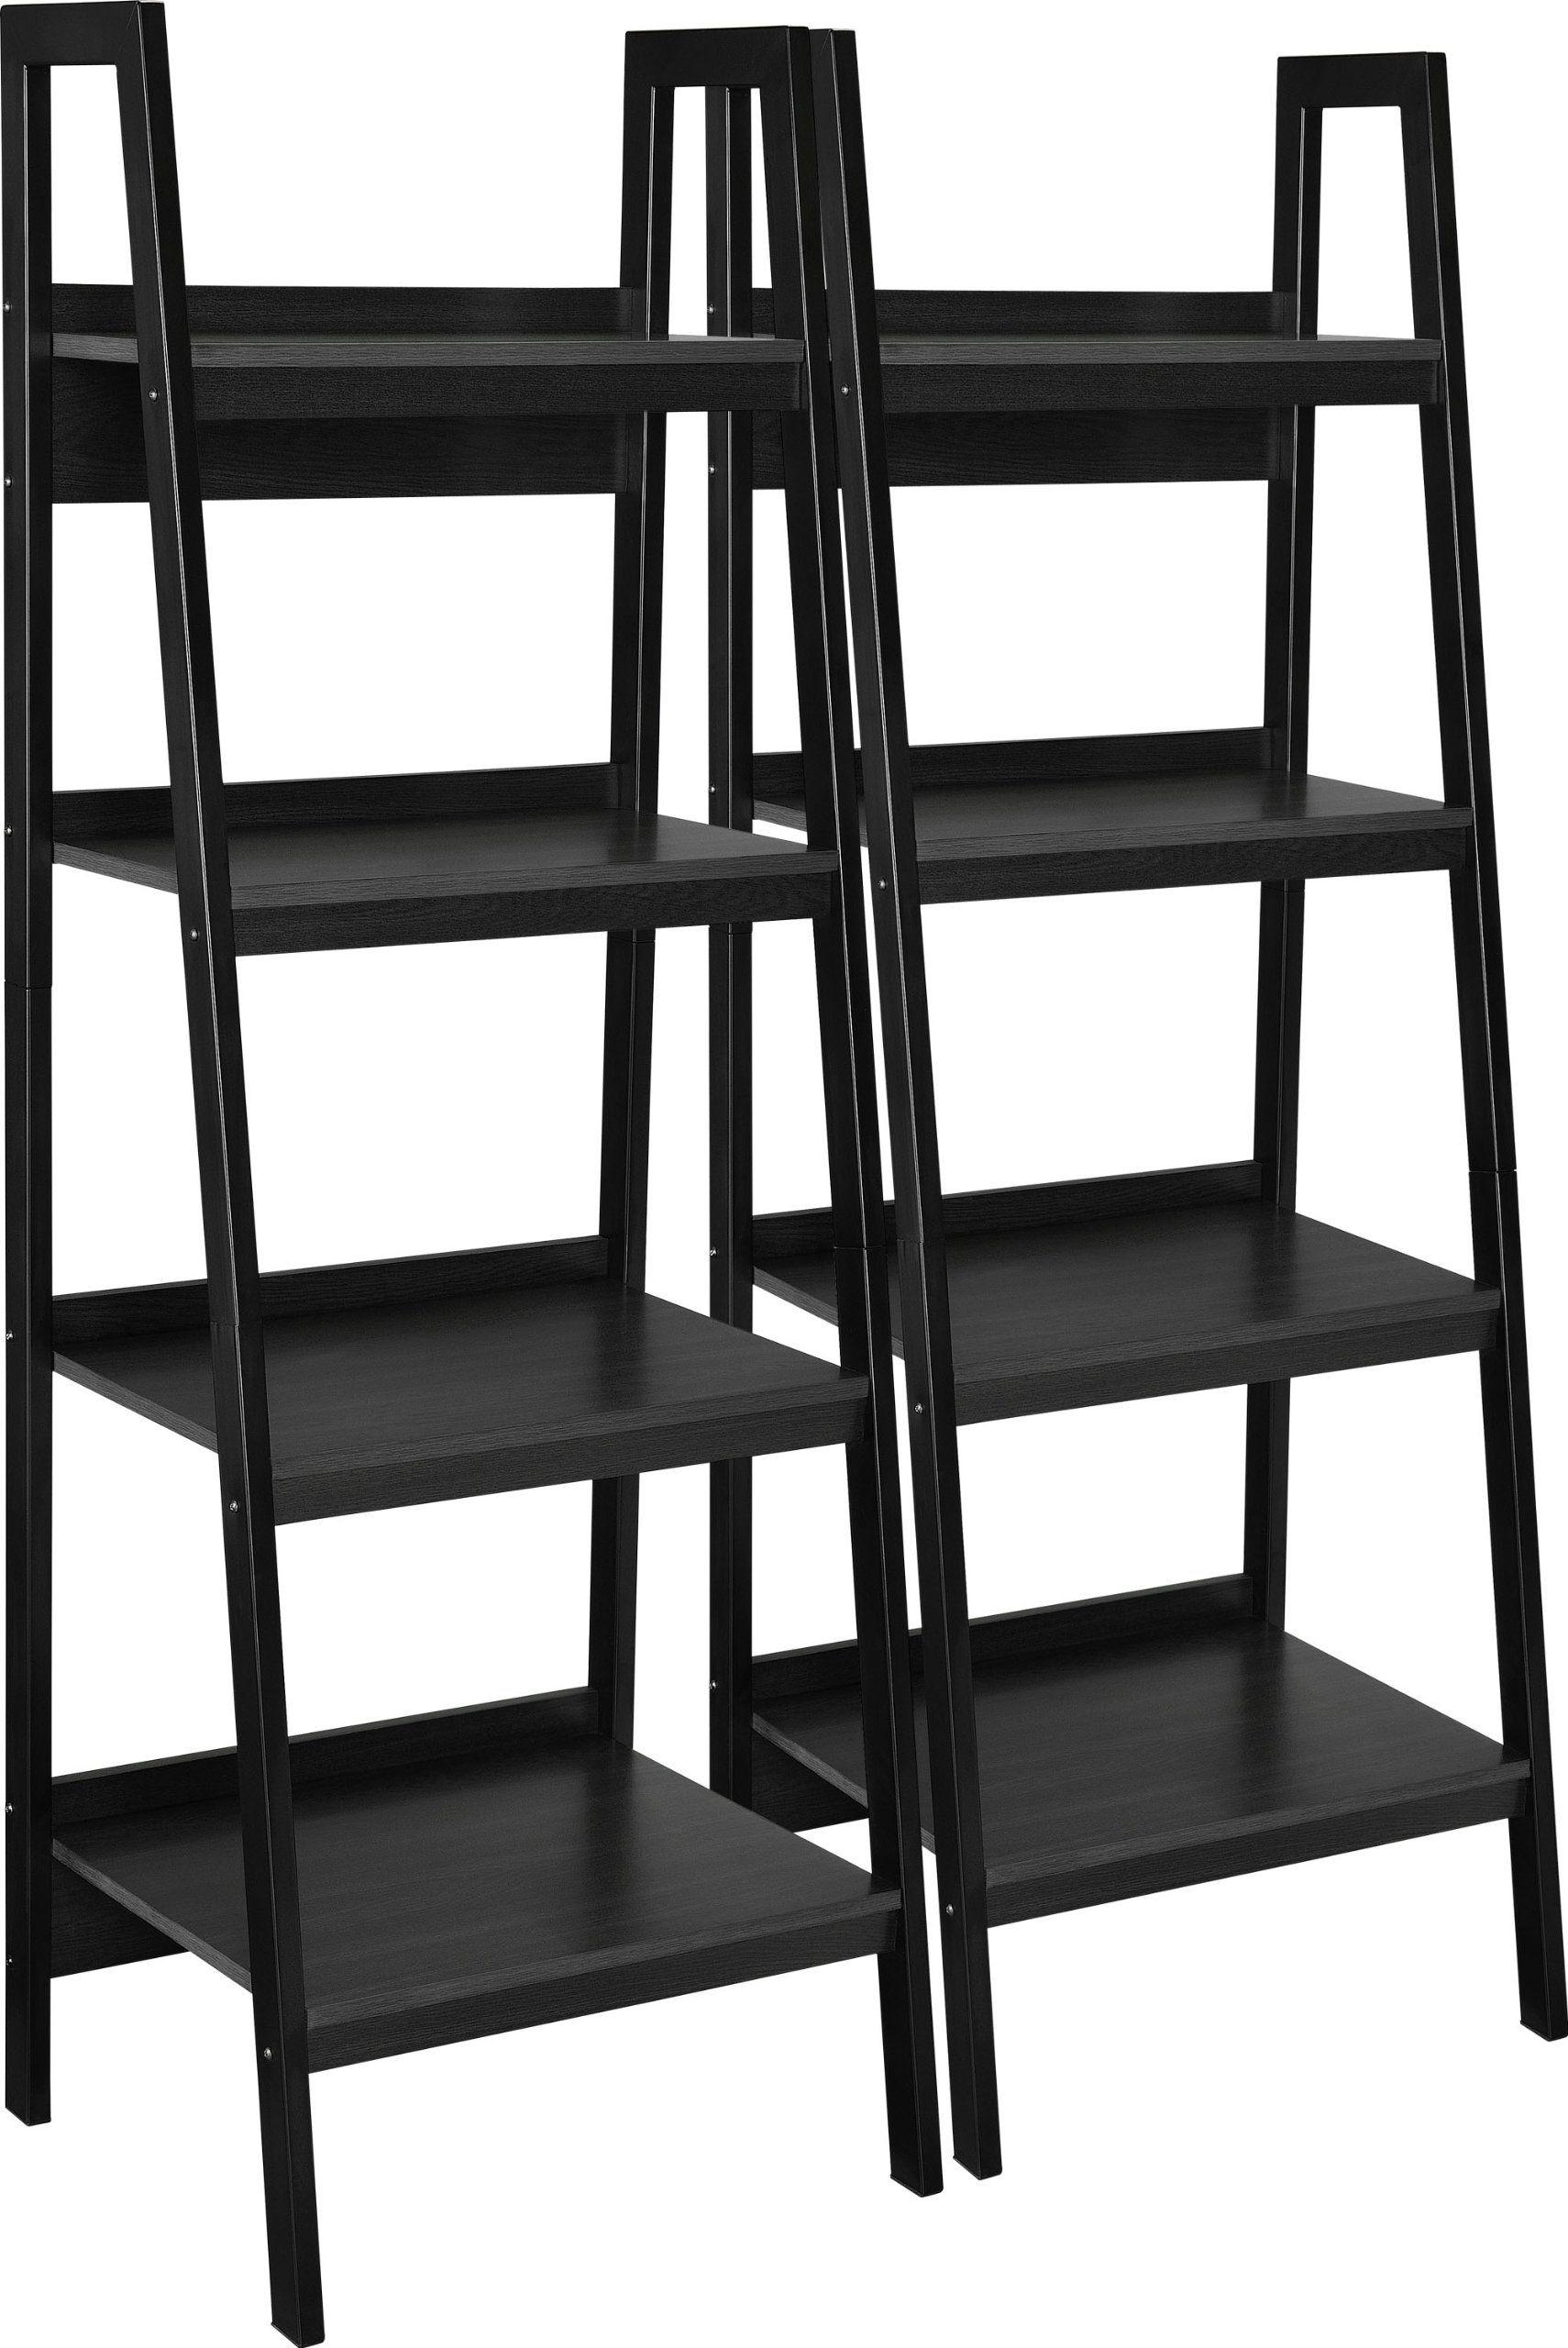 Altra lawrence shelf ladder bookcase bundle black furniture